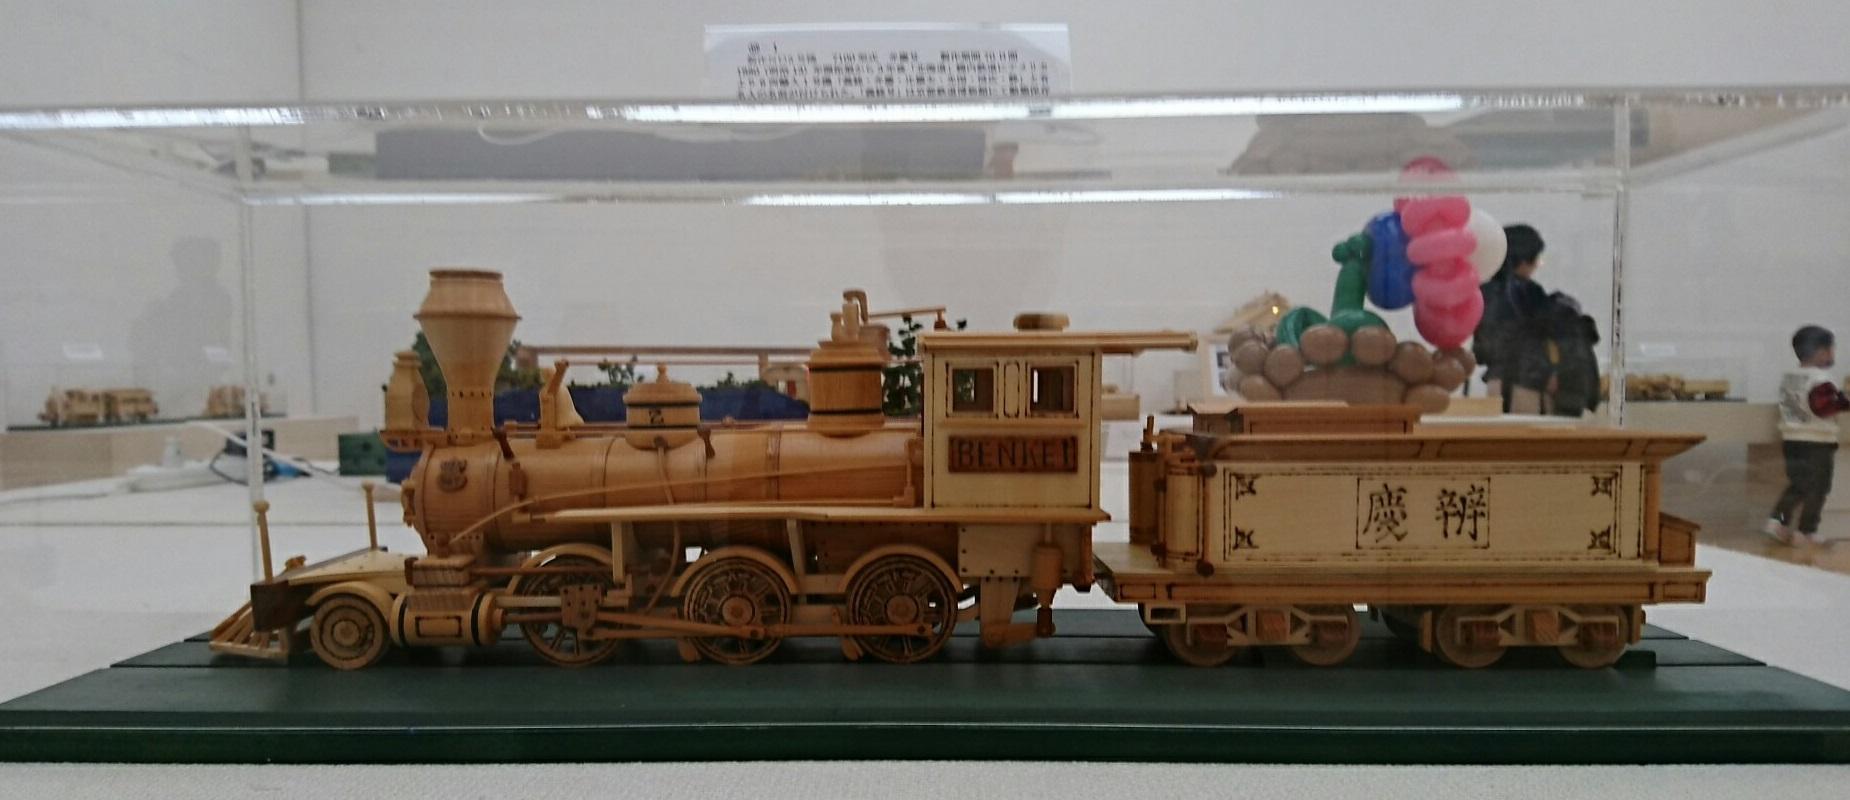 2018.3.21 木工細工蒸気機関車展 (6) 弁慶号 1850-800